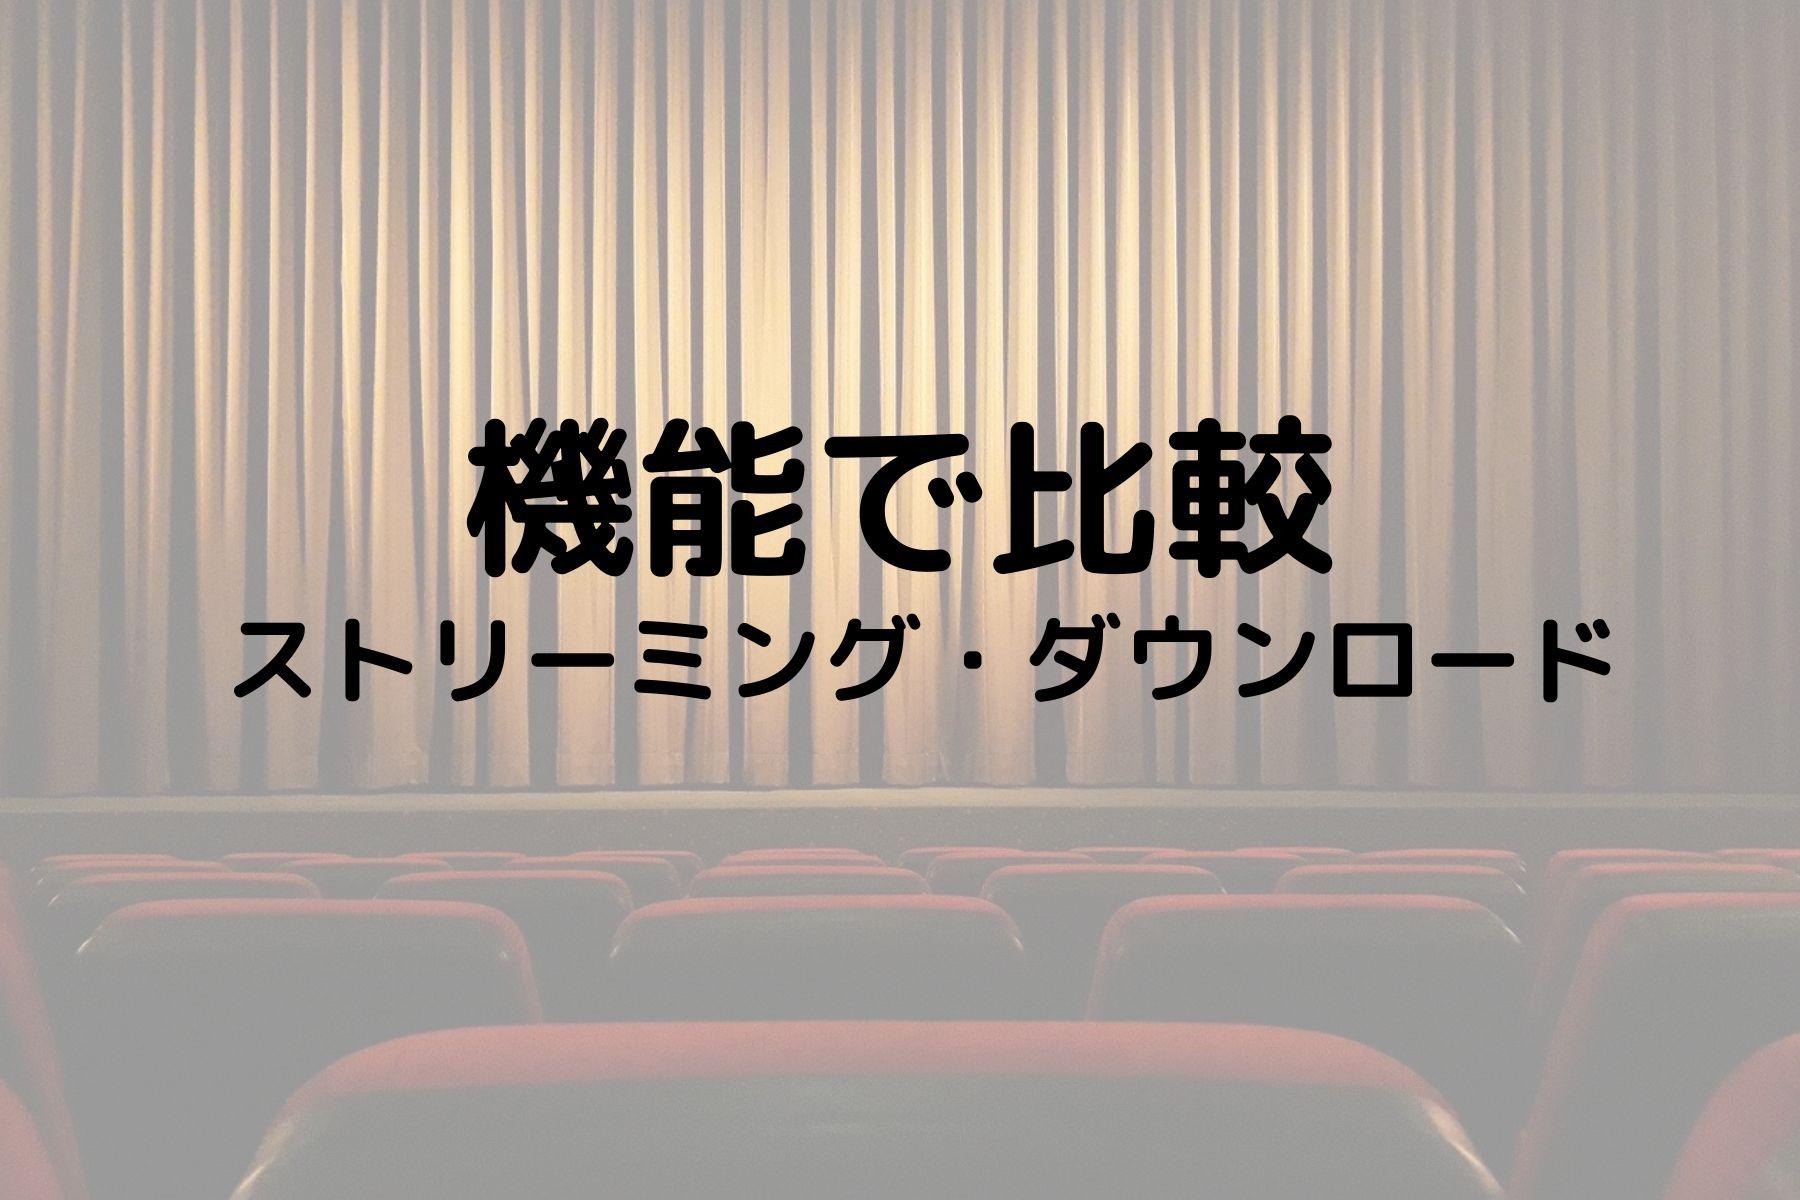 動画配信サービス 〜機能〜